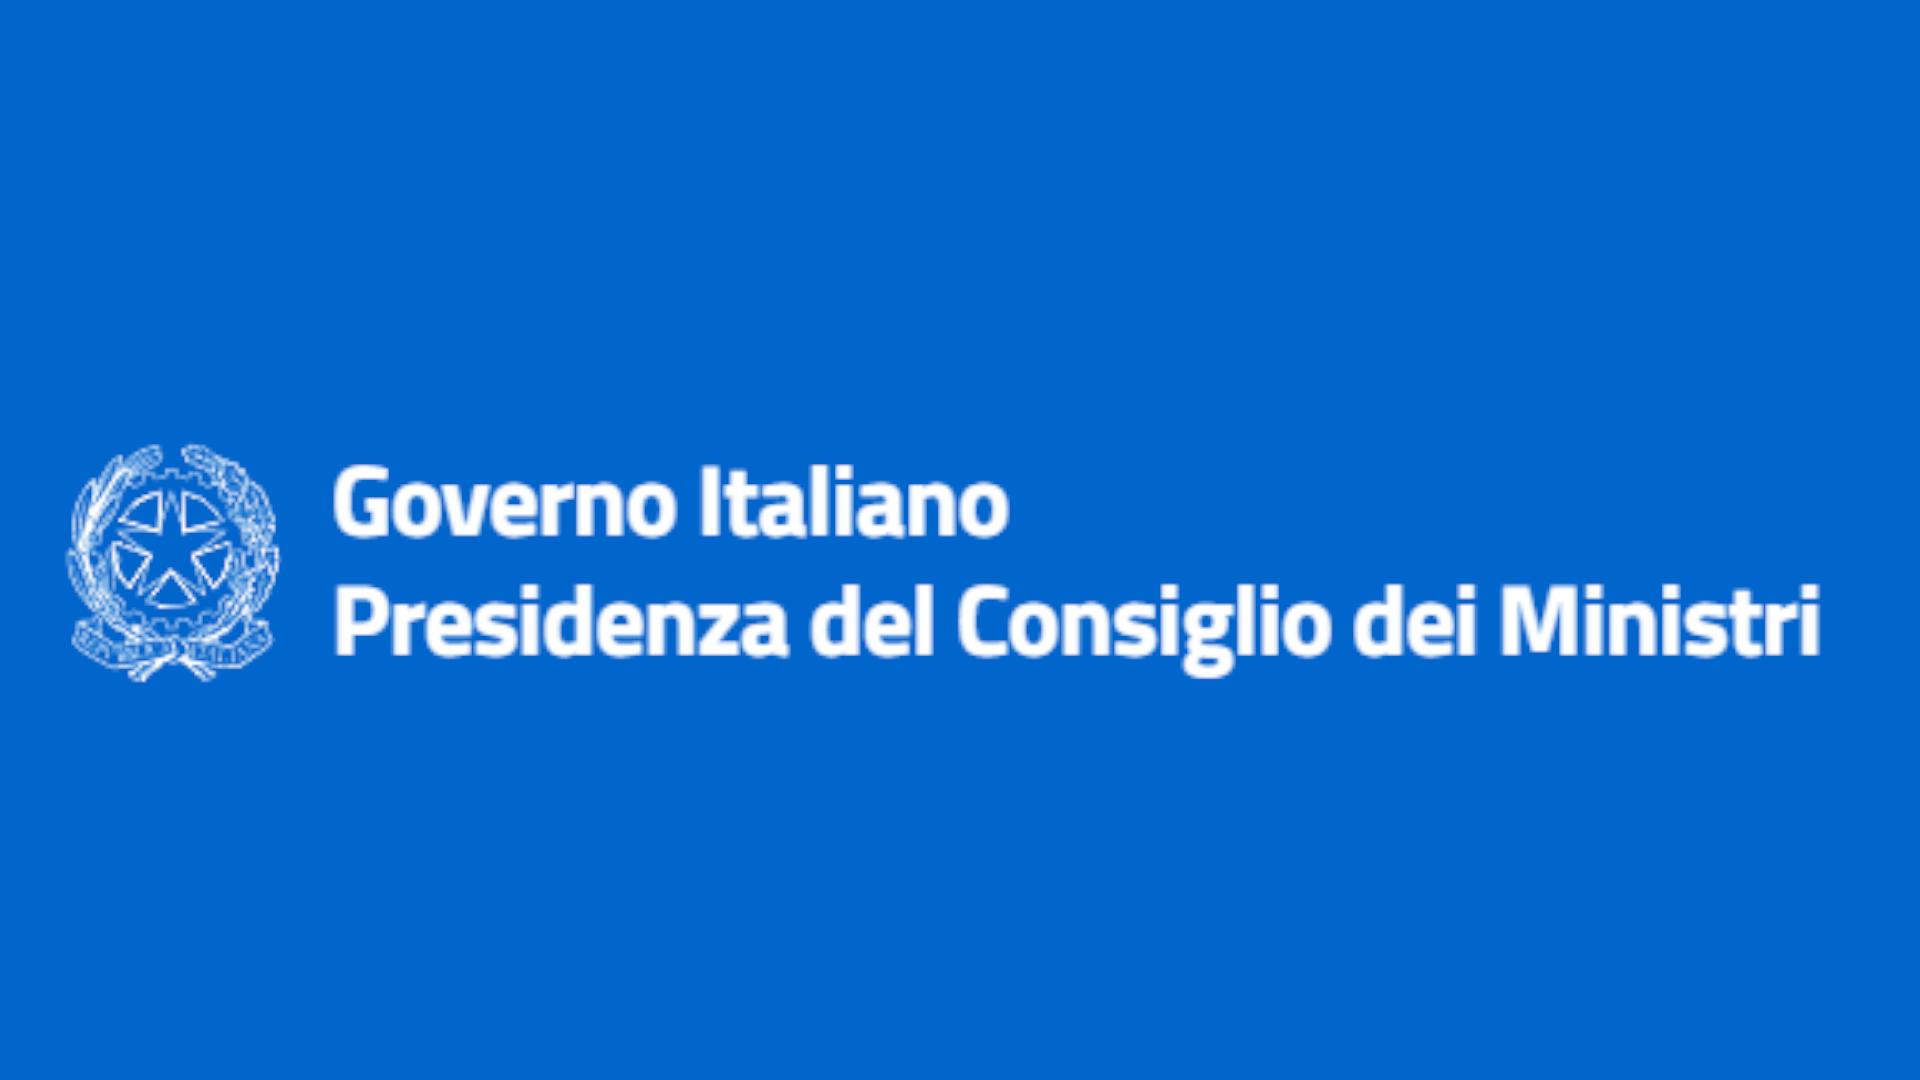 DECRETO DEL PRESIDENTE DEL CONSIGLIO DEI MINISTRI 8 marzo 2020